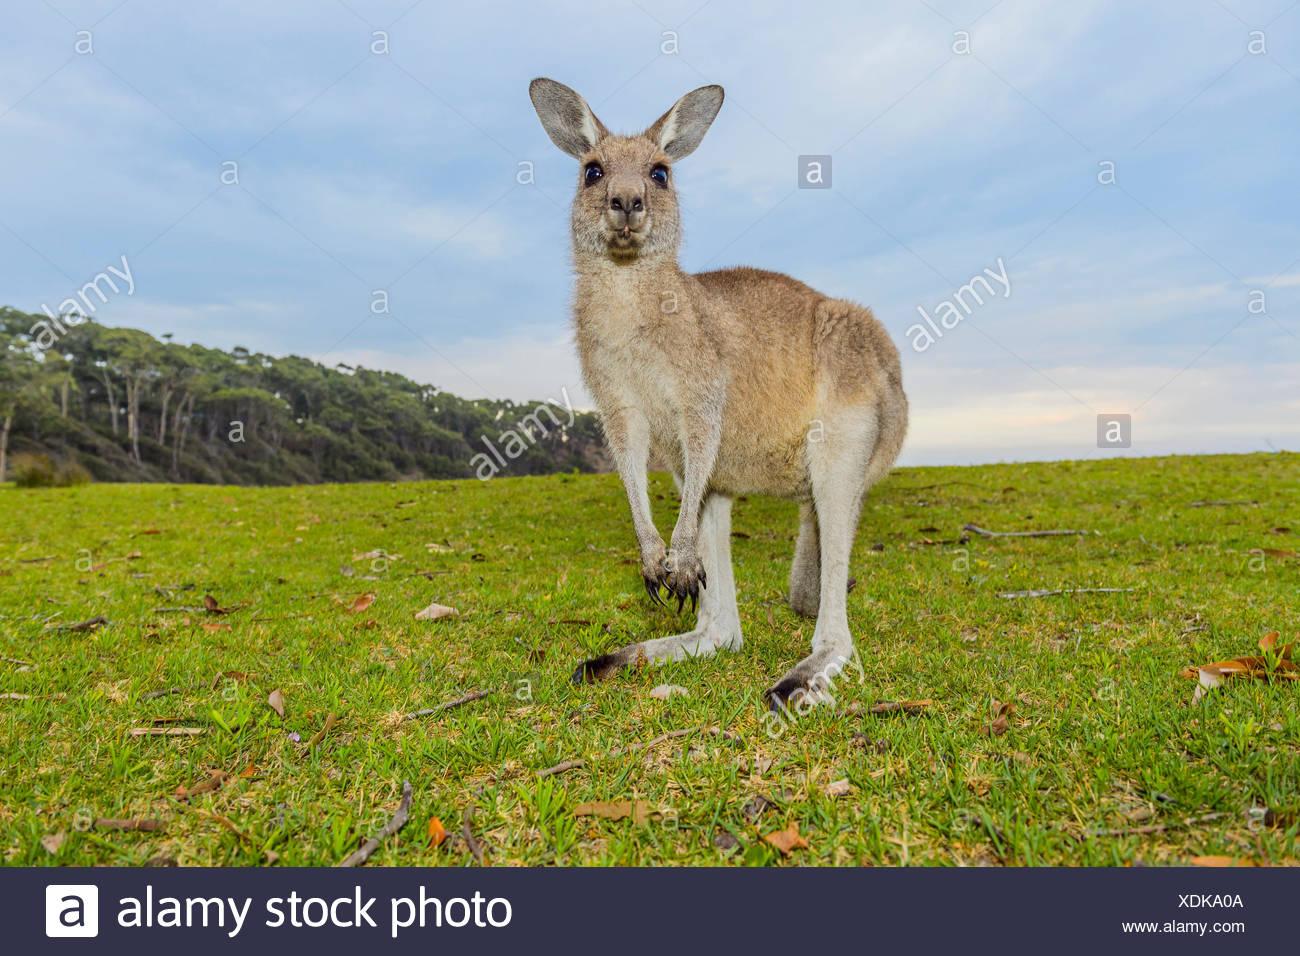 Grey Kangaroo, Macropus giganteus, Murramarang National Park, New South Wales, Australia - Stock Image